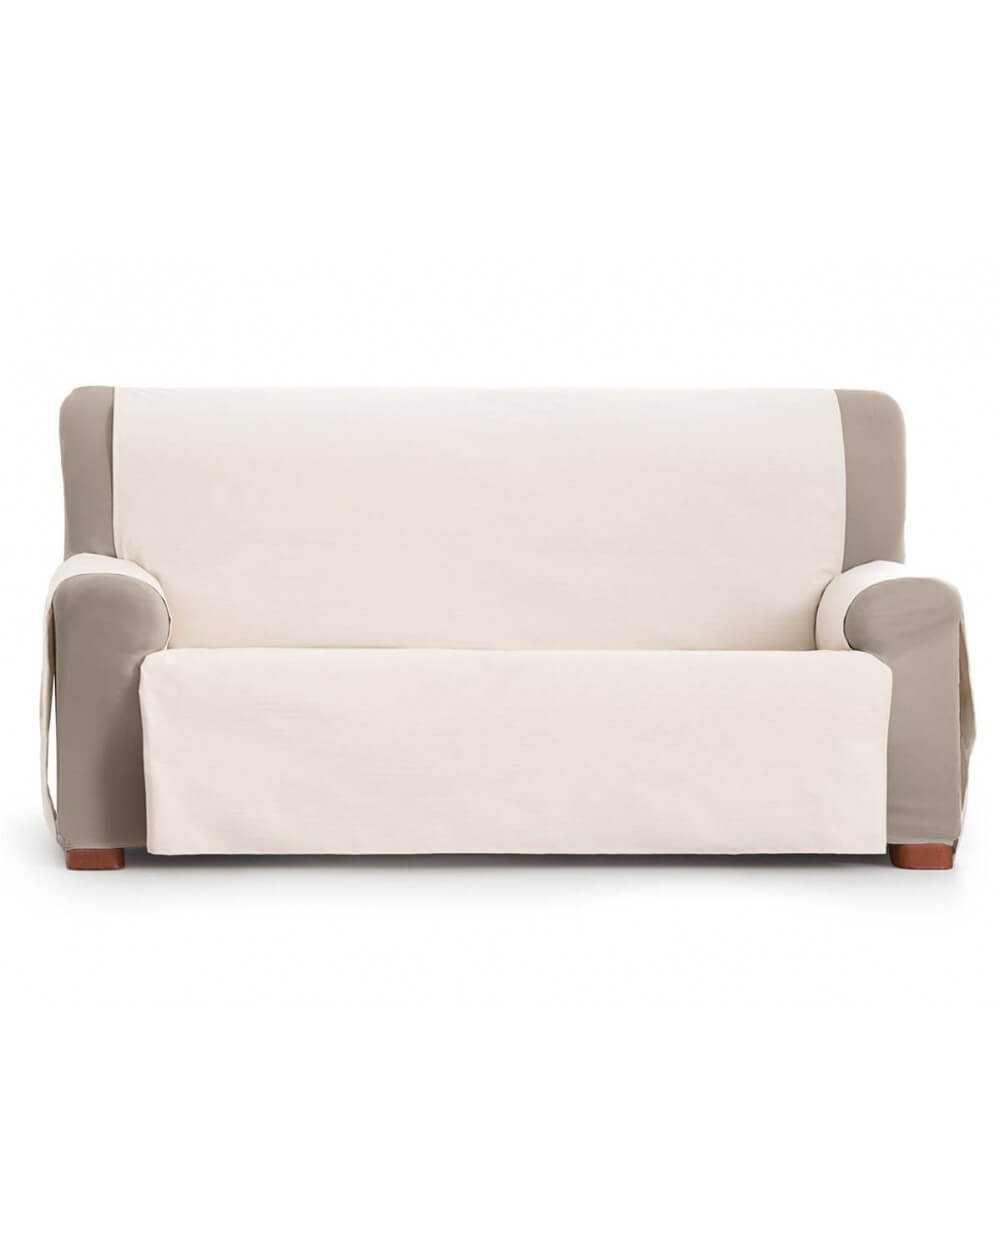 Funda sofá Práctica GARONA Protect de Eysa